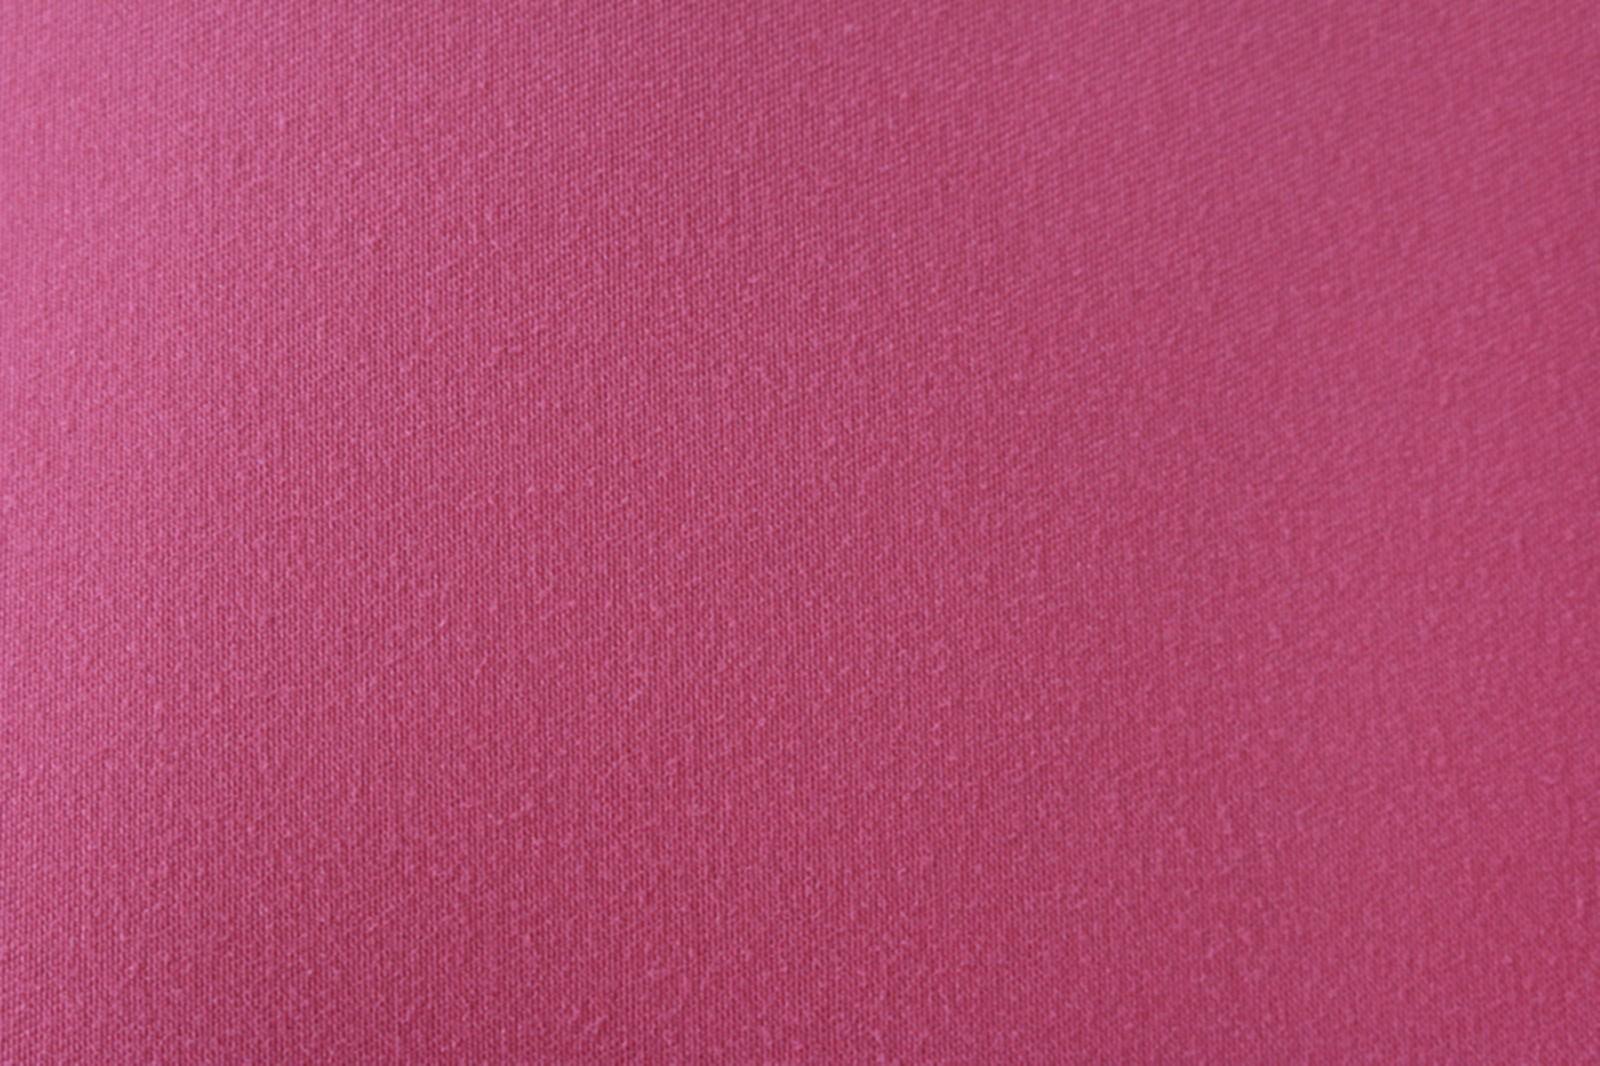 新款涤纶斜纹桃皮绒 儿童抱枕口袋面料 环保染色图片九